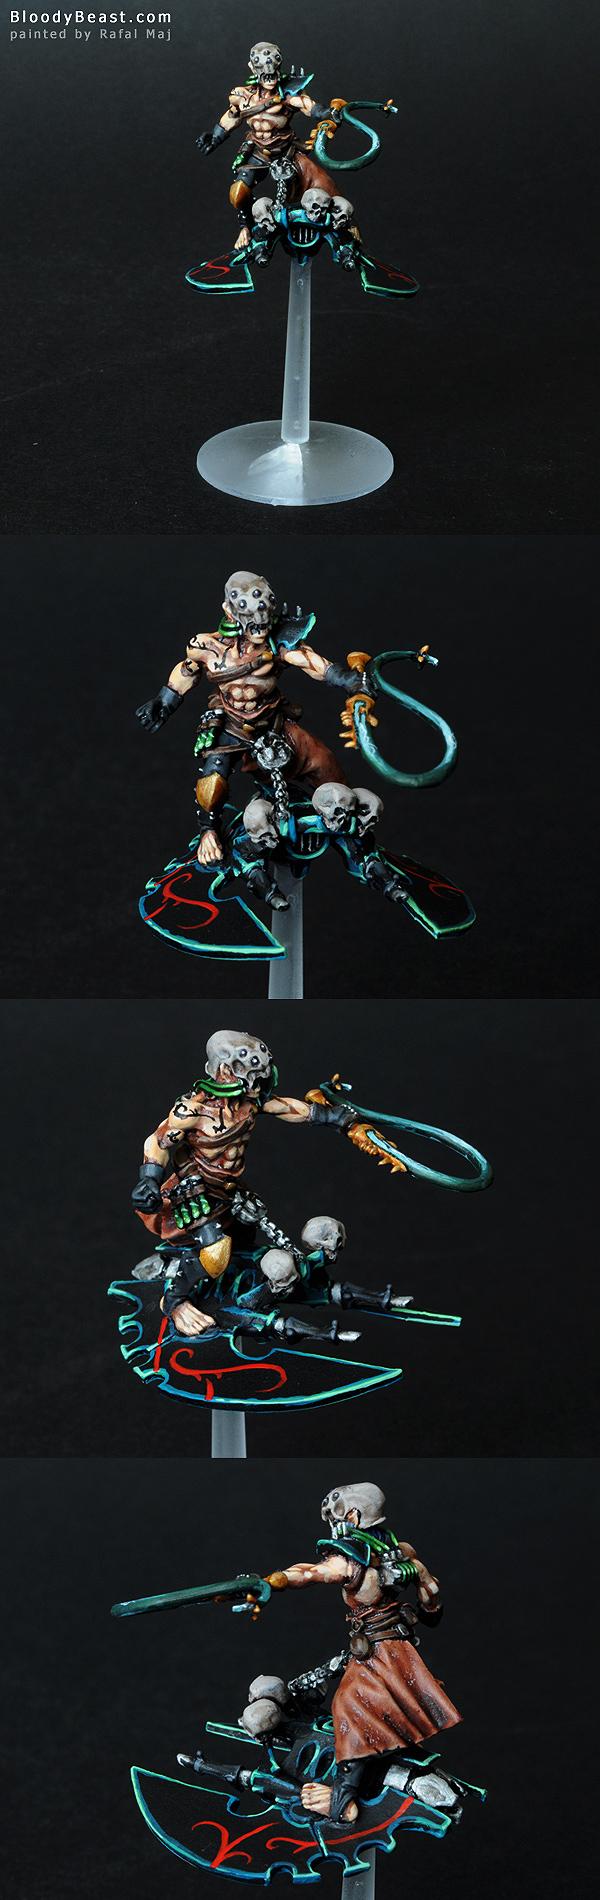 Dark Eldar Beastmaster painted by Rafal Maj (BloodyBeast.com)